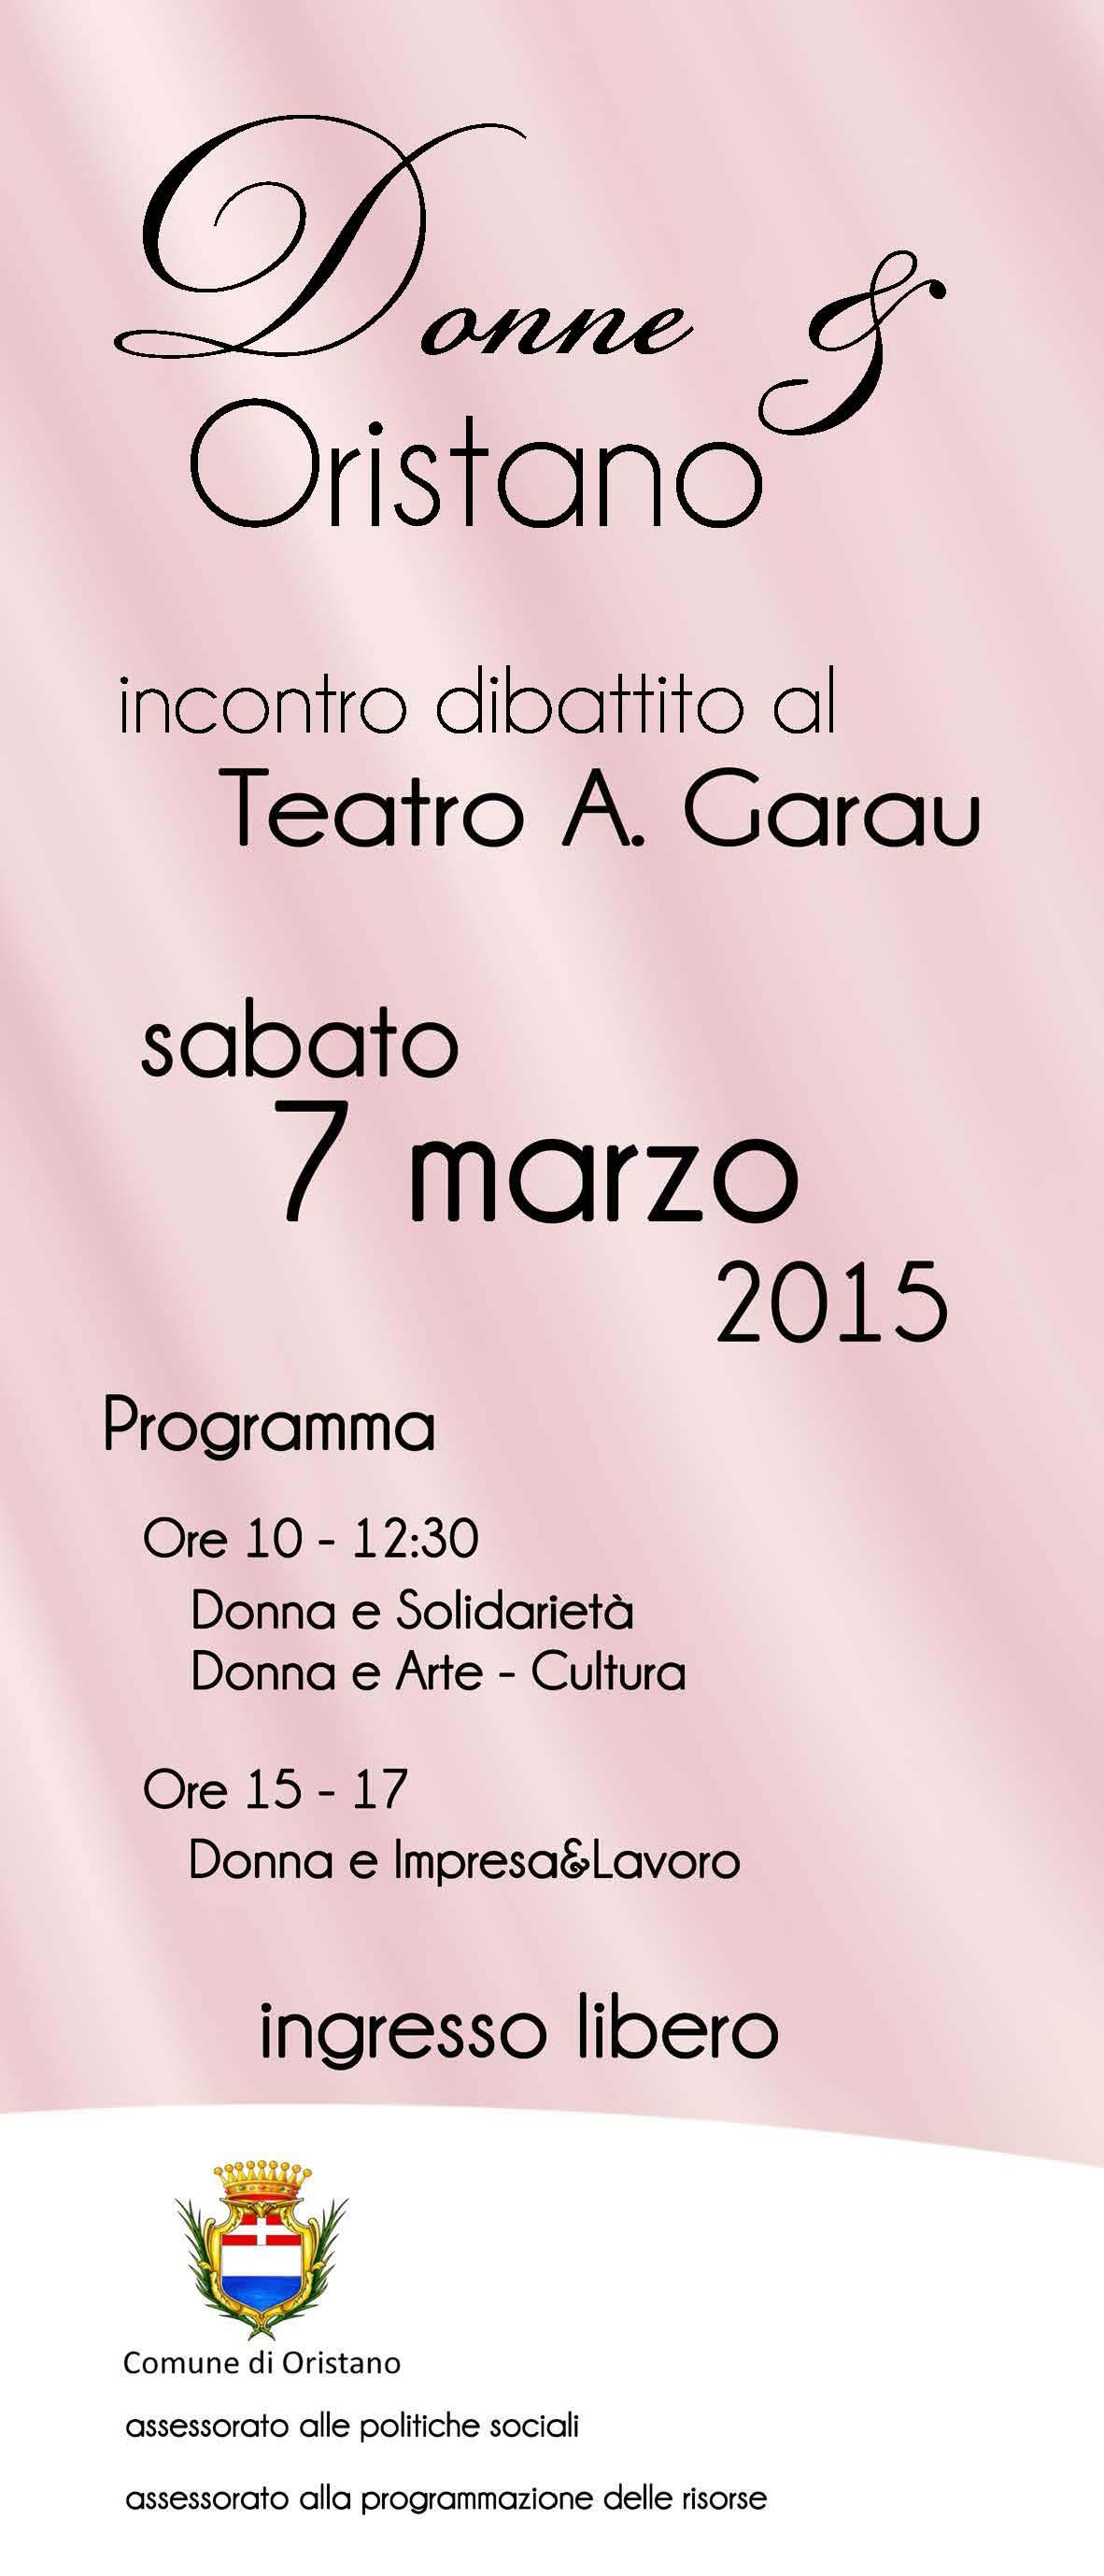 """""""Donne a Oristano"""", sabato 7 Marzo, si aprirà alle 10 con la prima sessione dedicata a """"Donne e solidarietà"""", a seguire la sessione su """"Donne e Arte-Cultura"""". Nel pomeriggio, alle 15, la sessione dedicata a """"Donne e Impresa&Lavoro""""."""